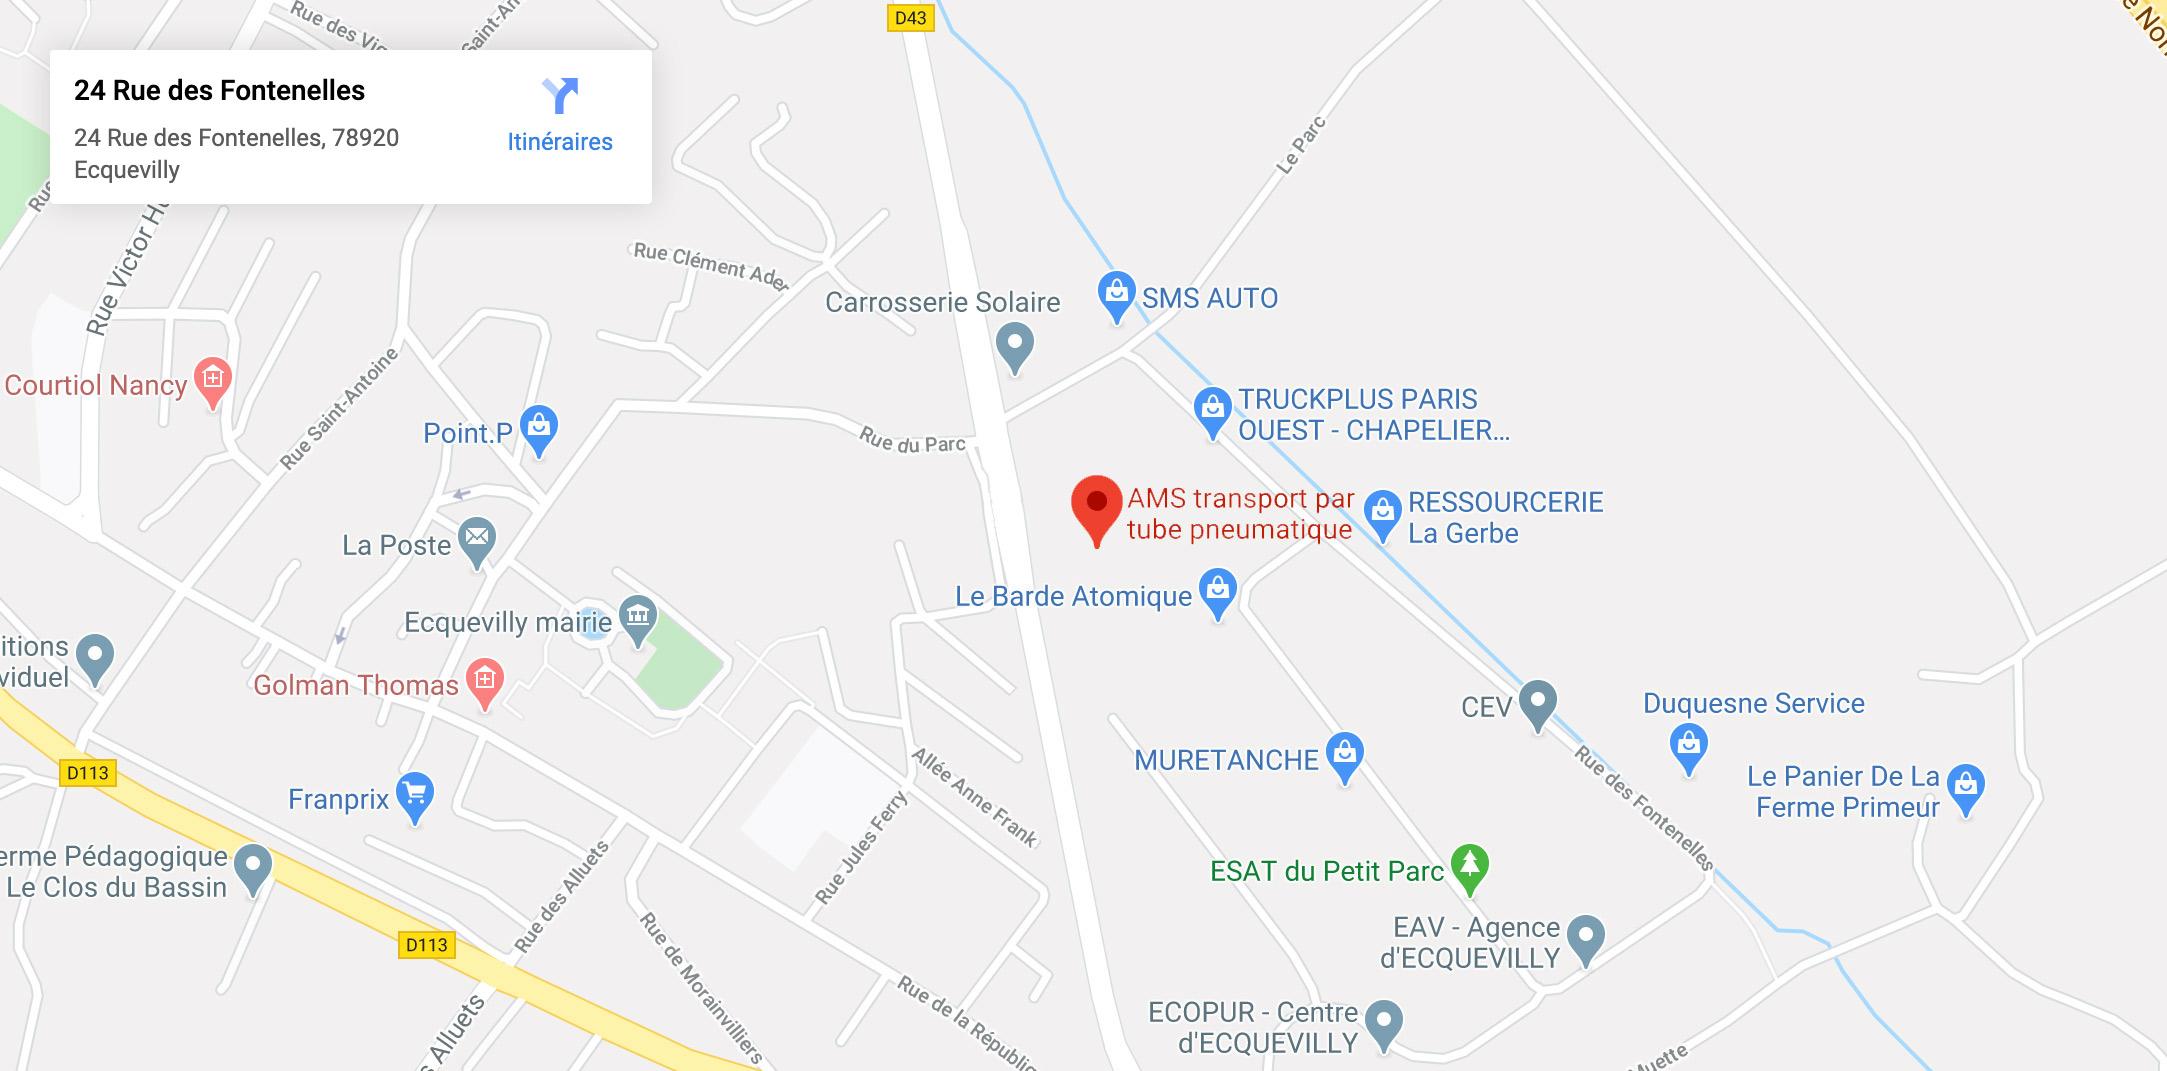 Adresse Google Maps de l'entreprise AMS, transport par tube pneumatique